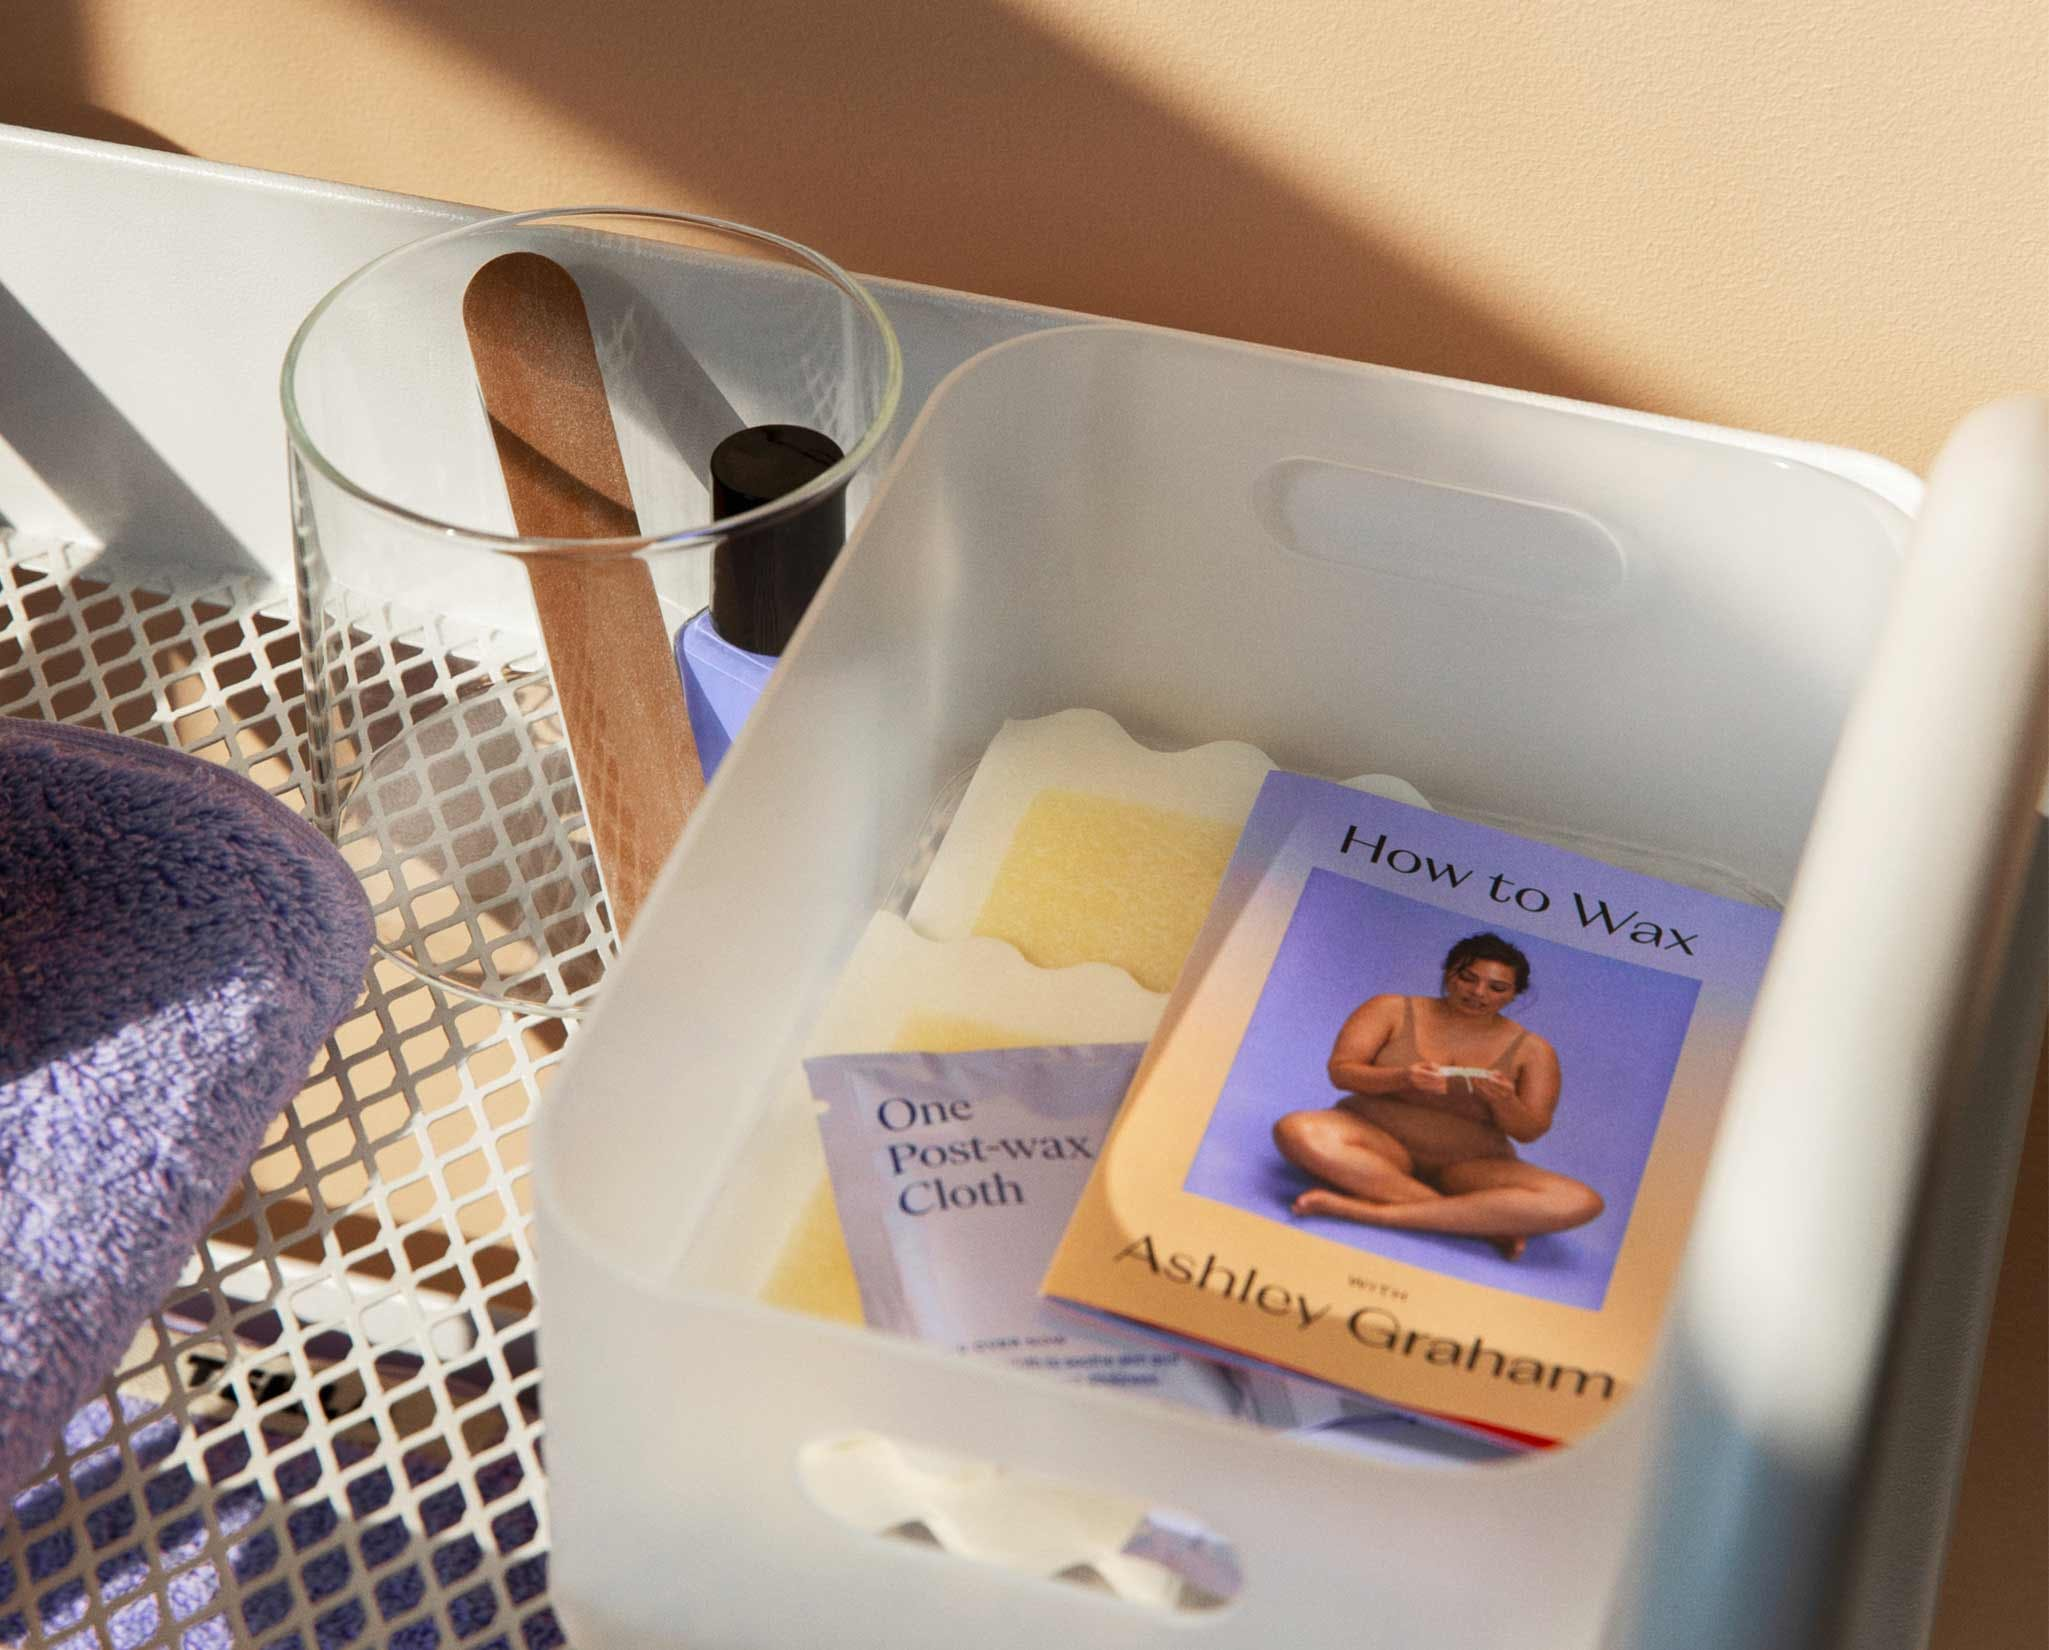 Ashley Graham wax kit comonents in a bin